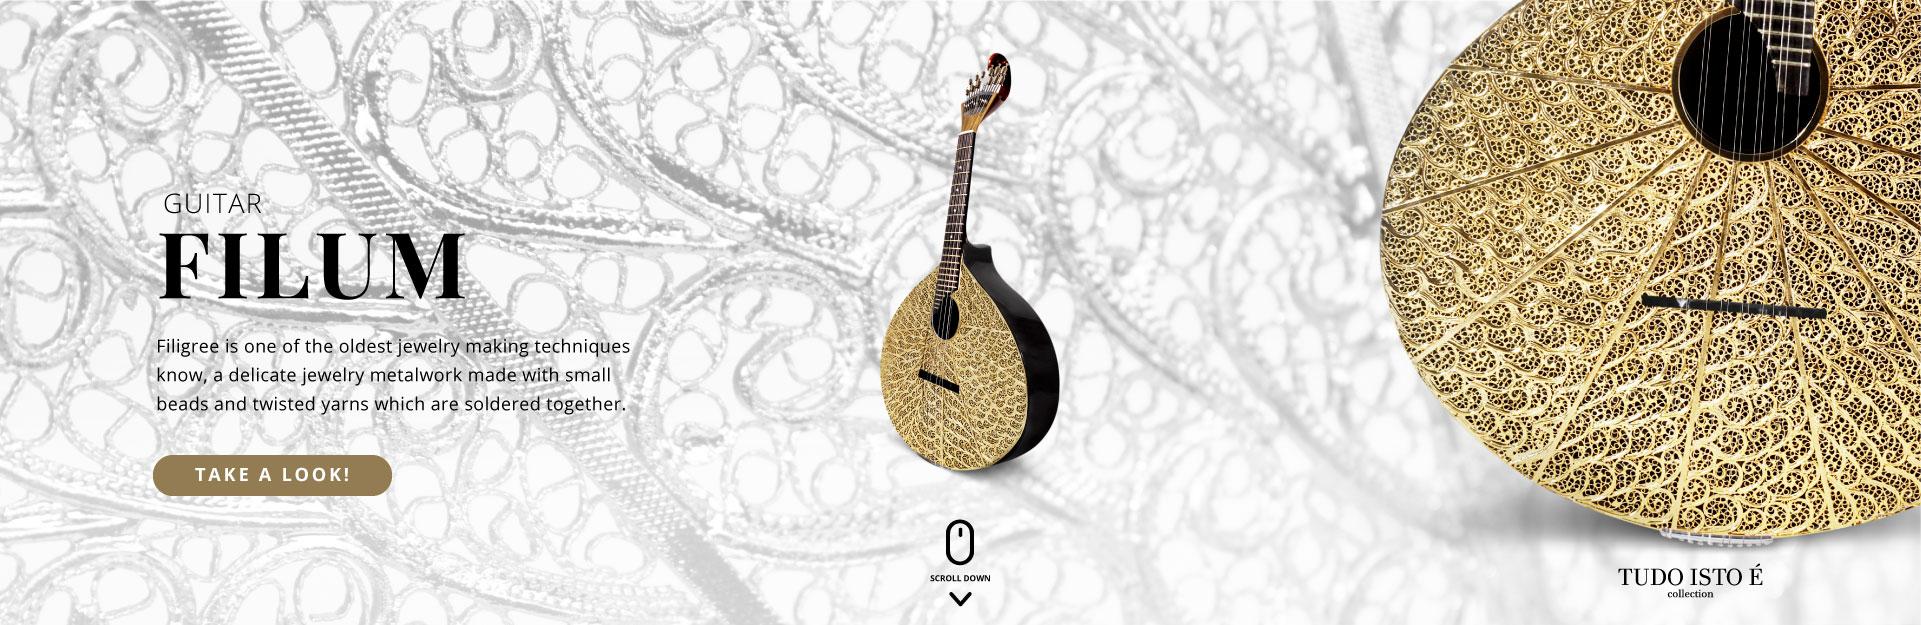 Filum Portuguese Guitar